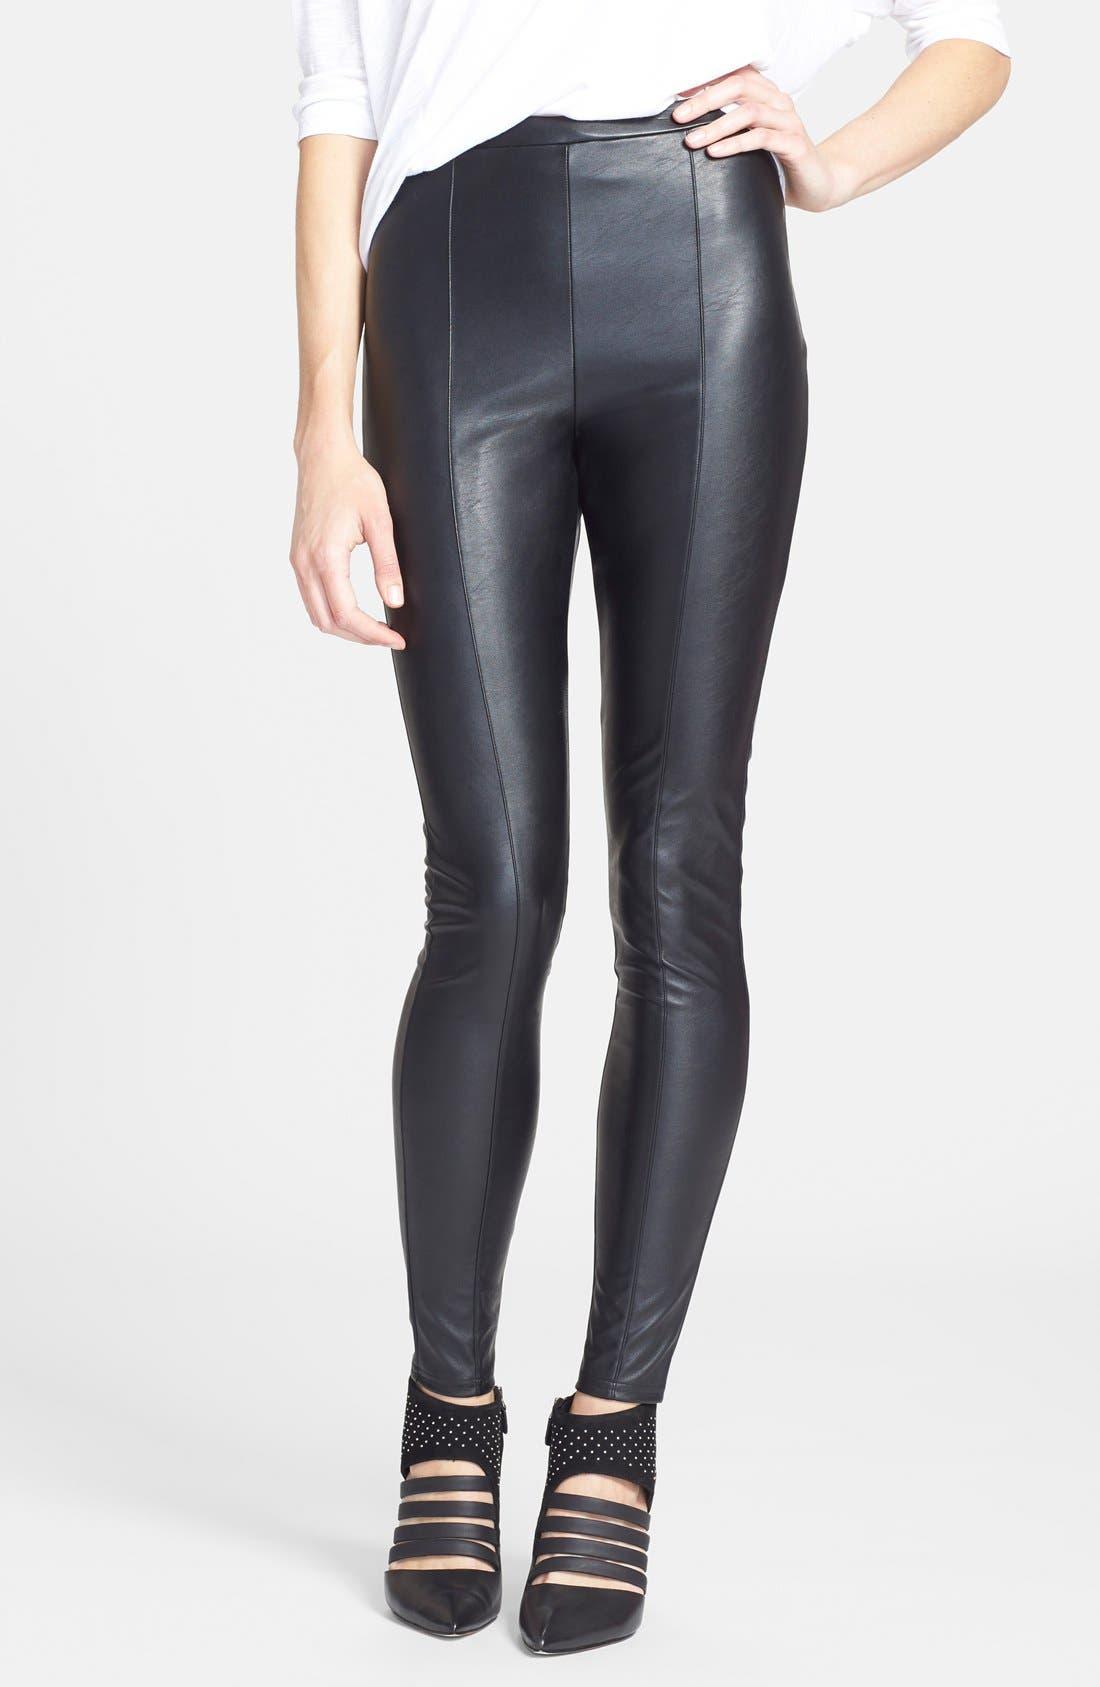 Alternate Image 1 Selected - Tildon High Waist Faux Leather Leggings